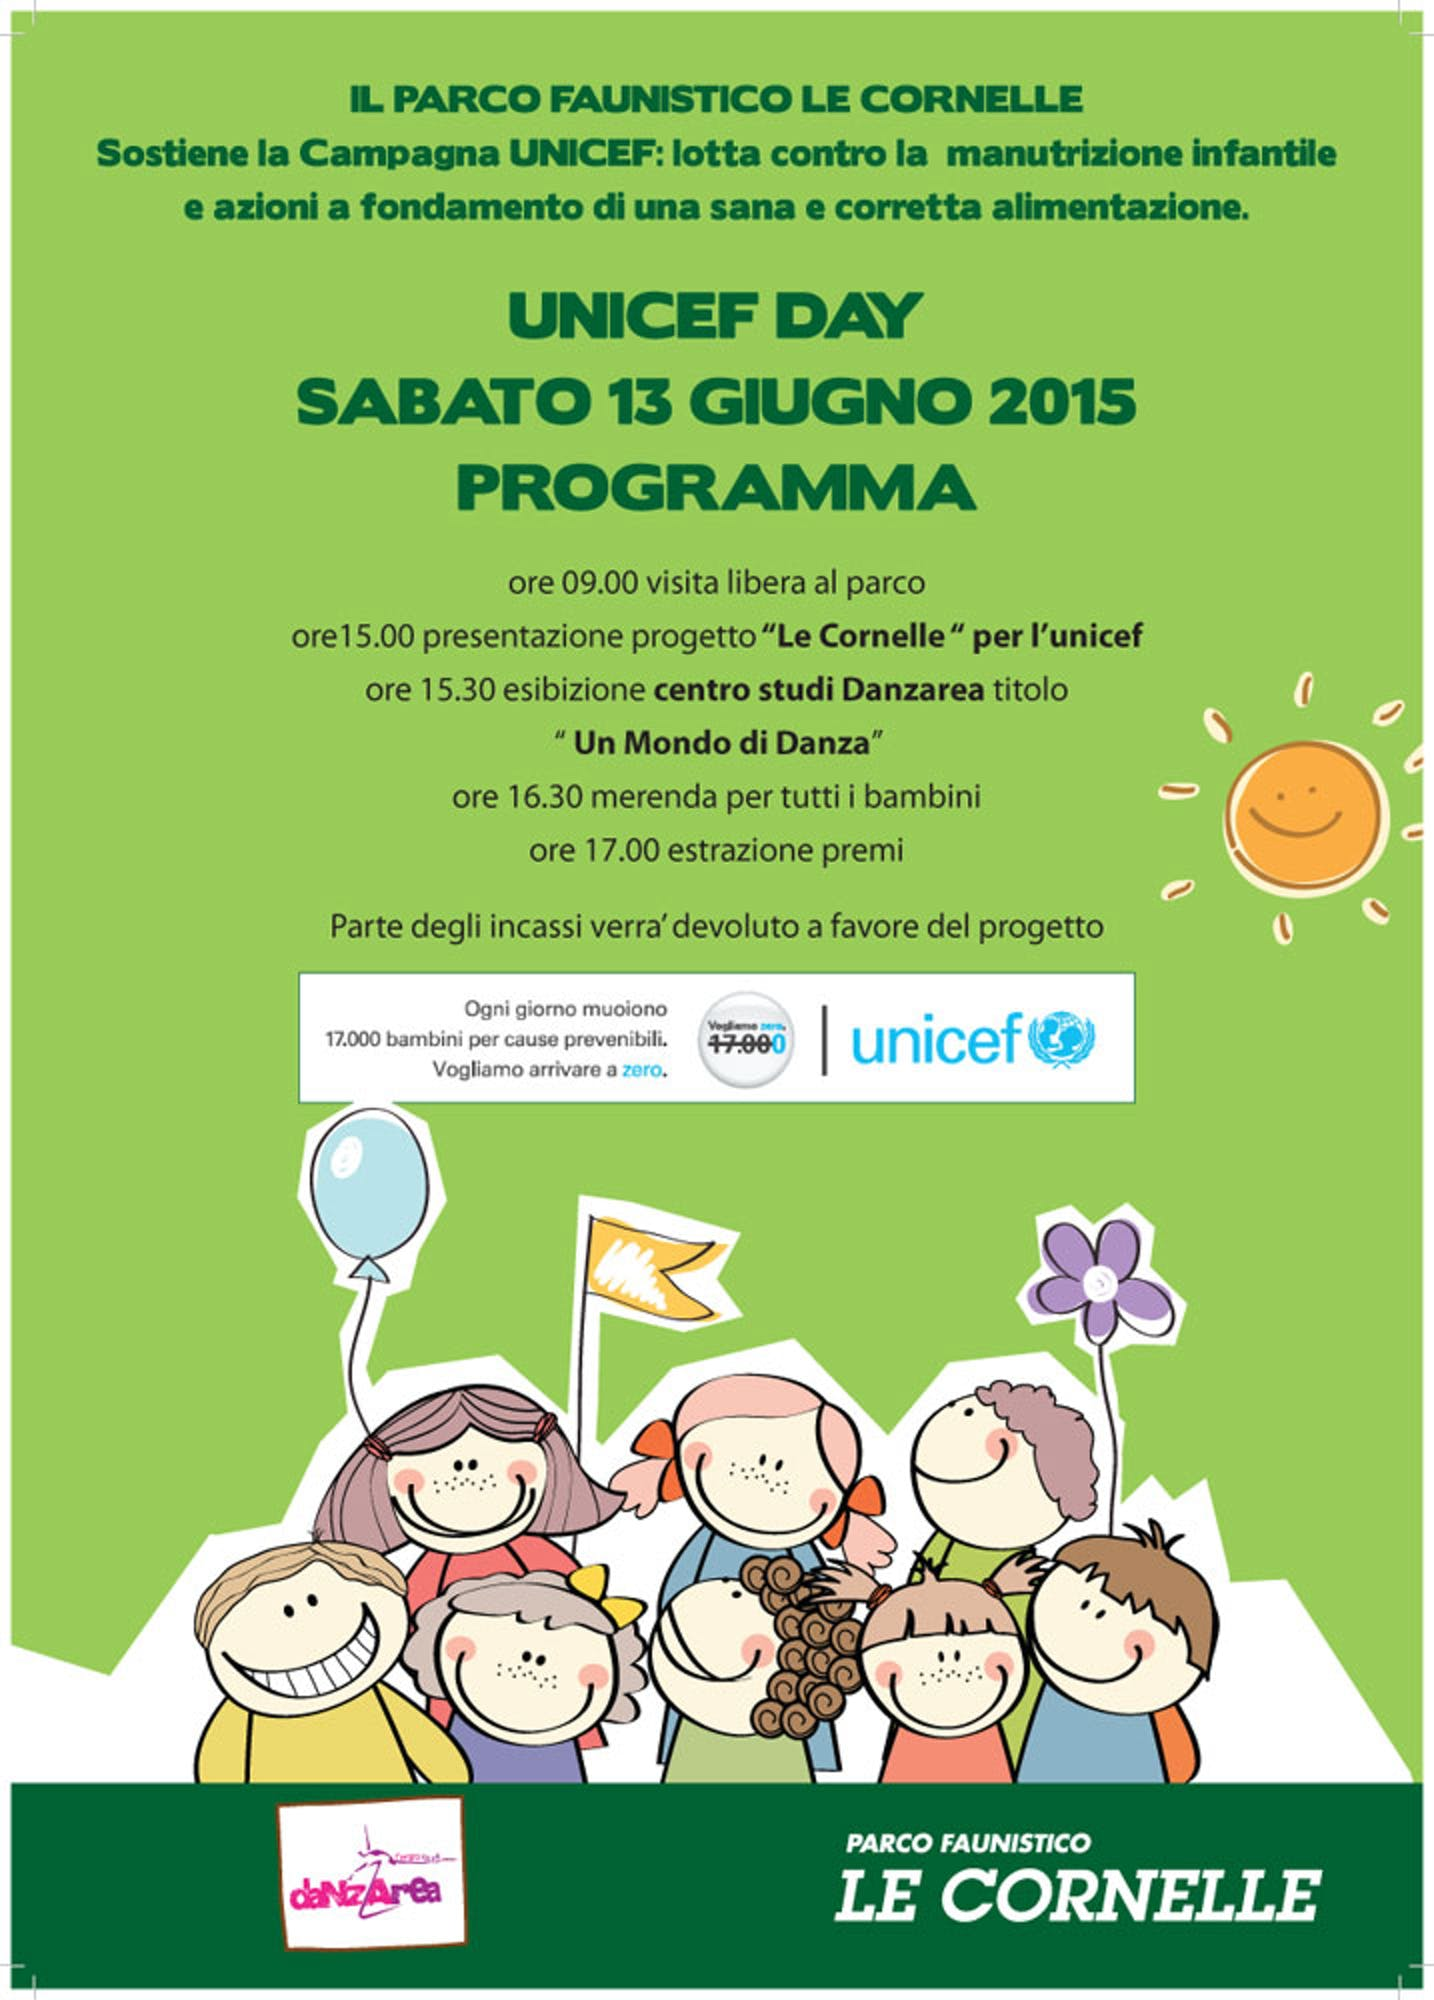 Valbrembo (BG): il parco faunistico sostiene l'UNICEF